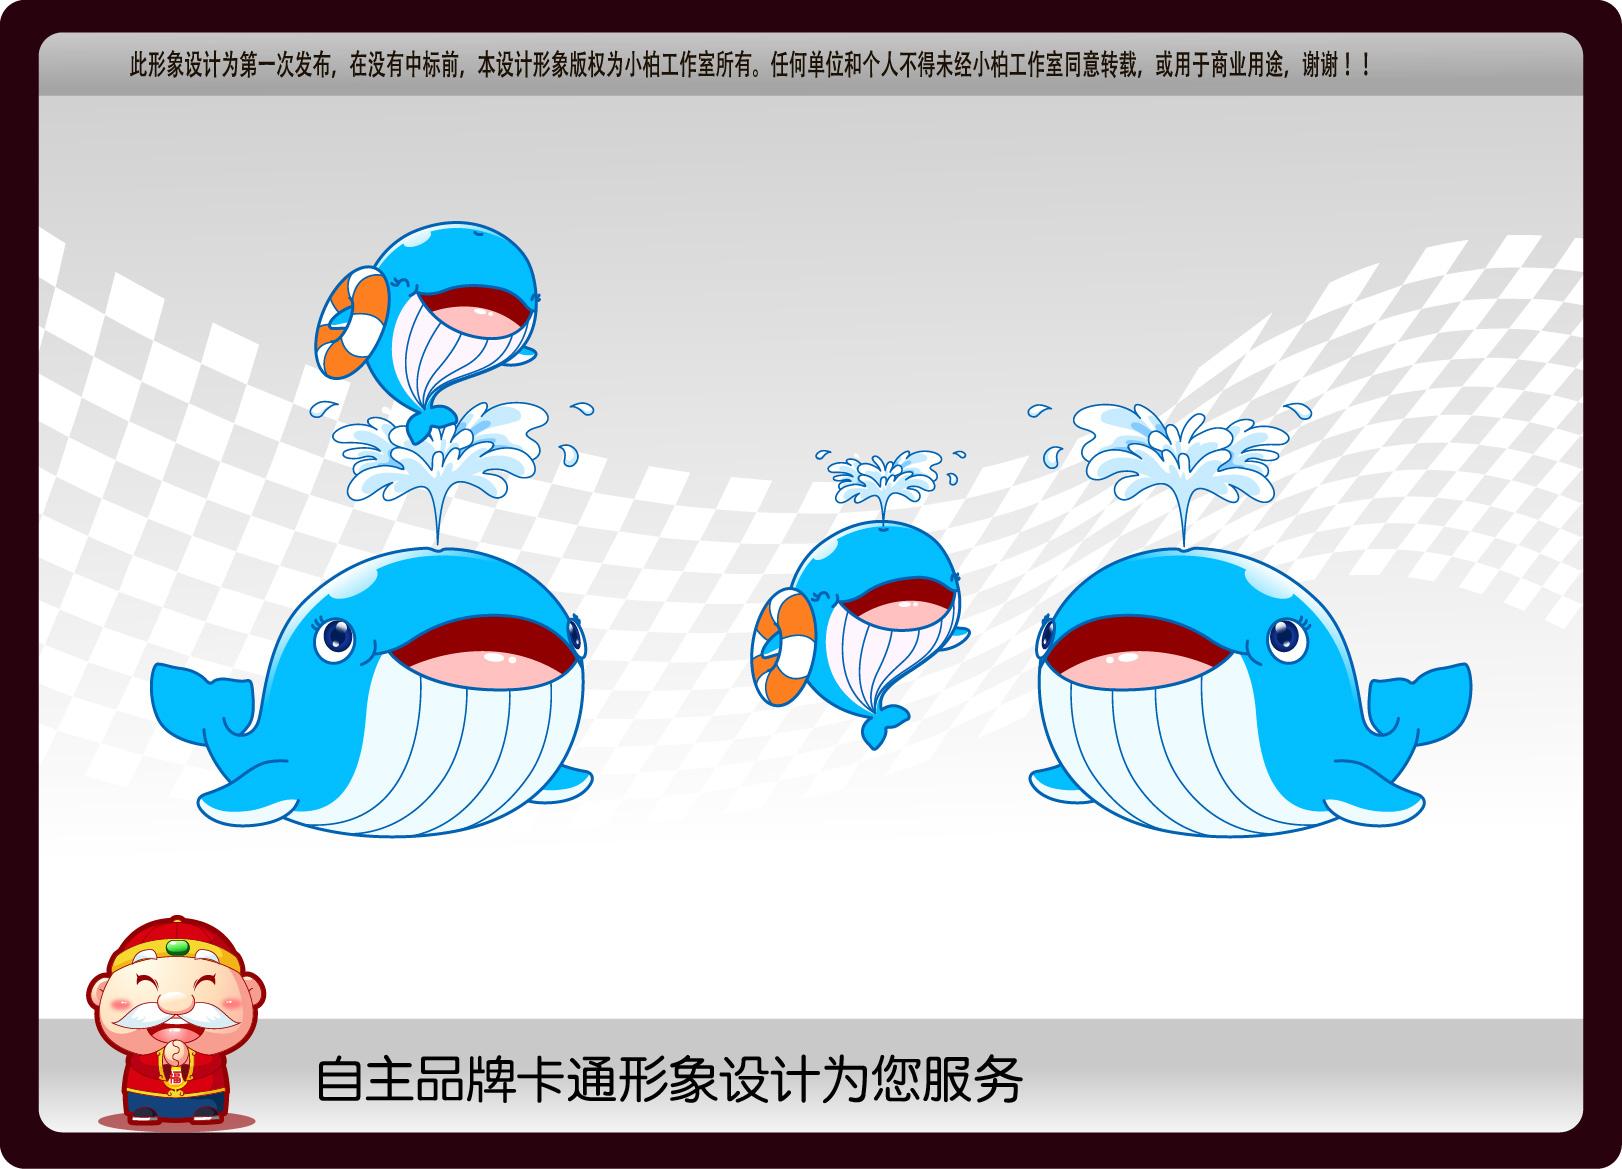 卡通蓝鲸设计